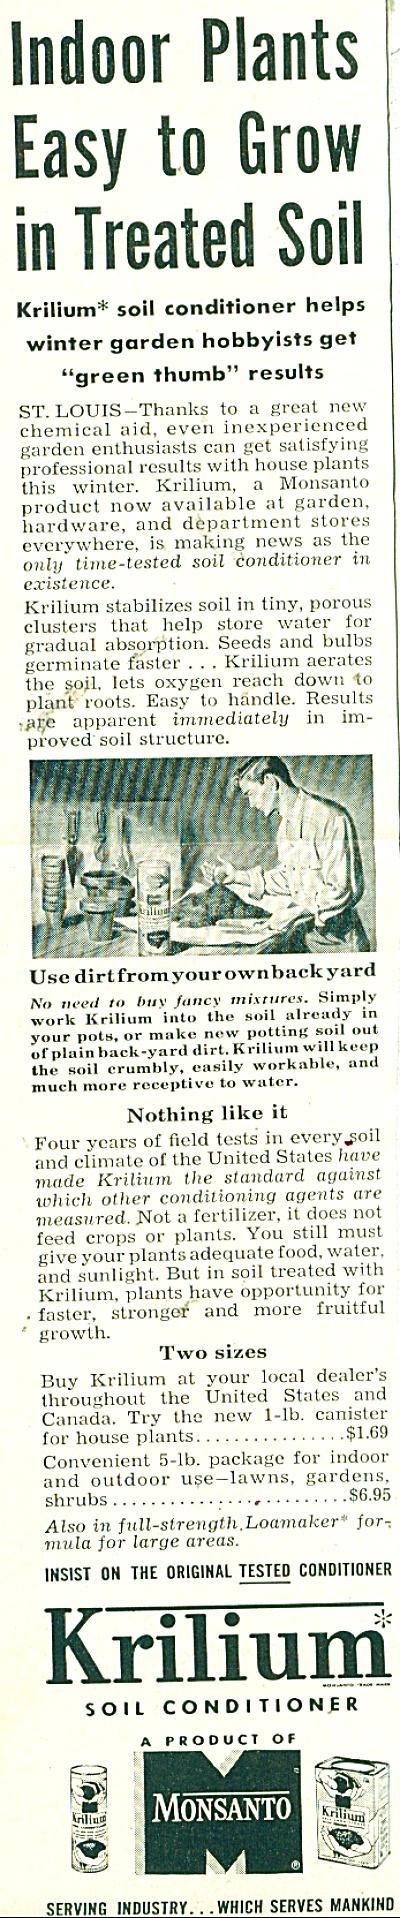 Krilium soild conditioner ad - 1952 (Image1)